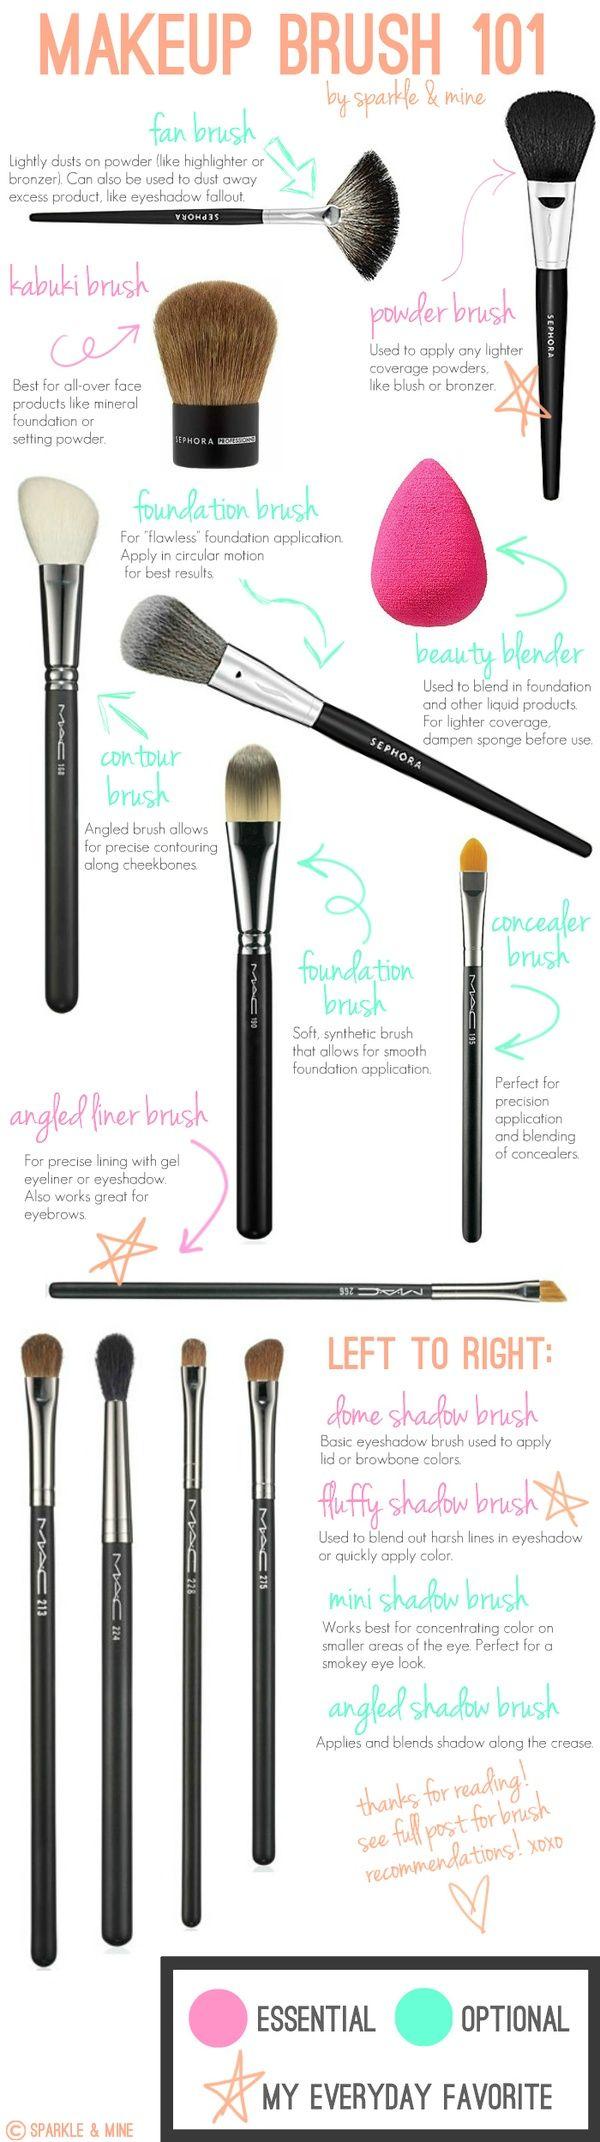 Utilizzo dei pennelli